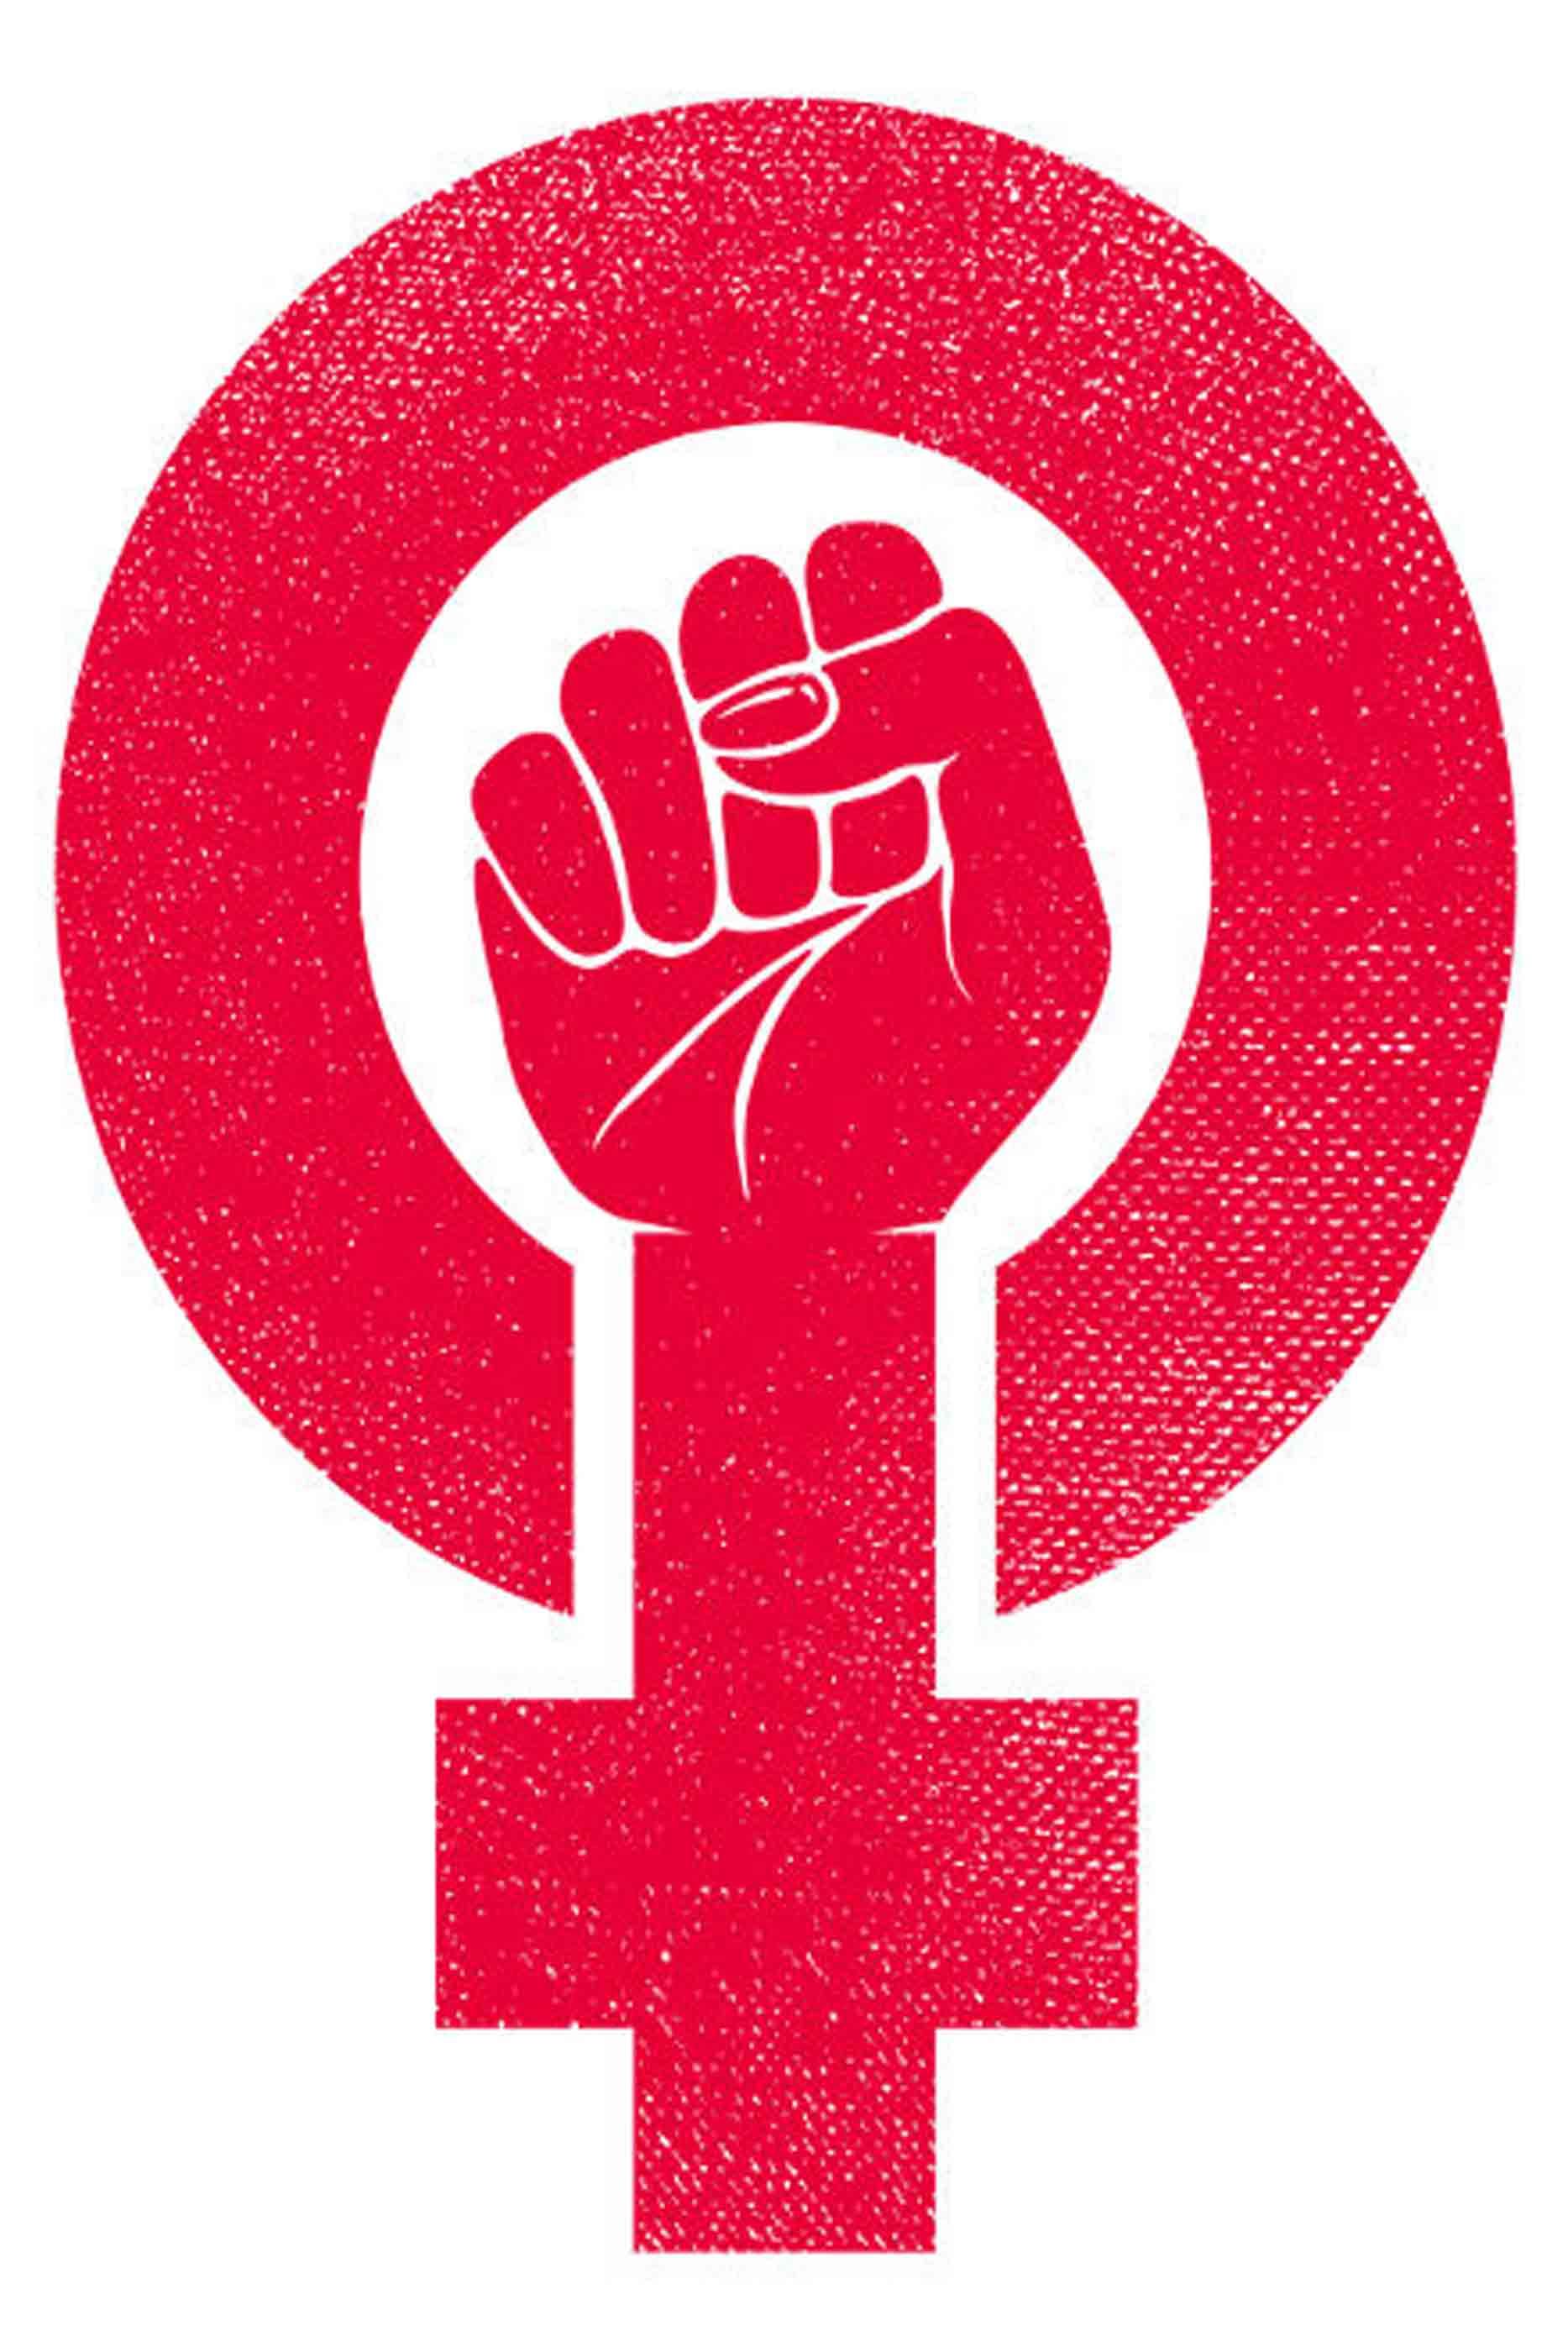 Símbolo feminino rosa avermelhado com uma mão de punho fechado